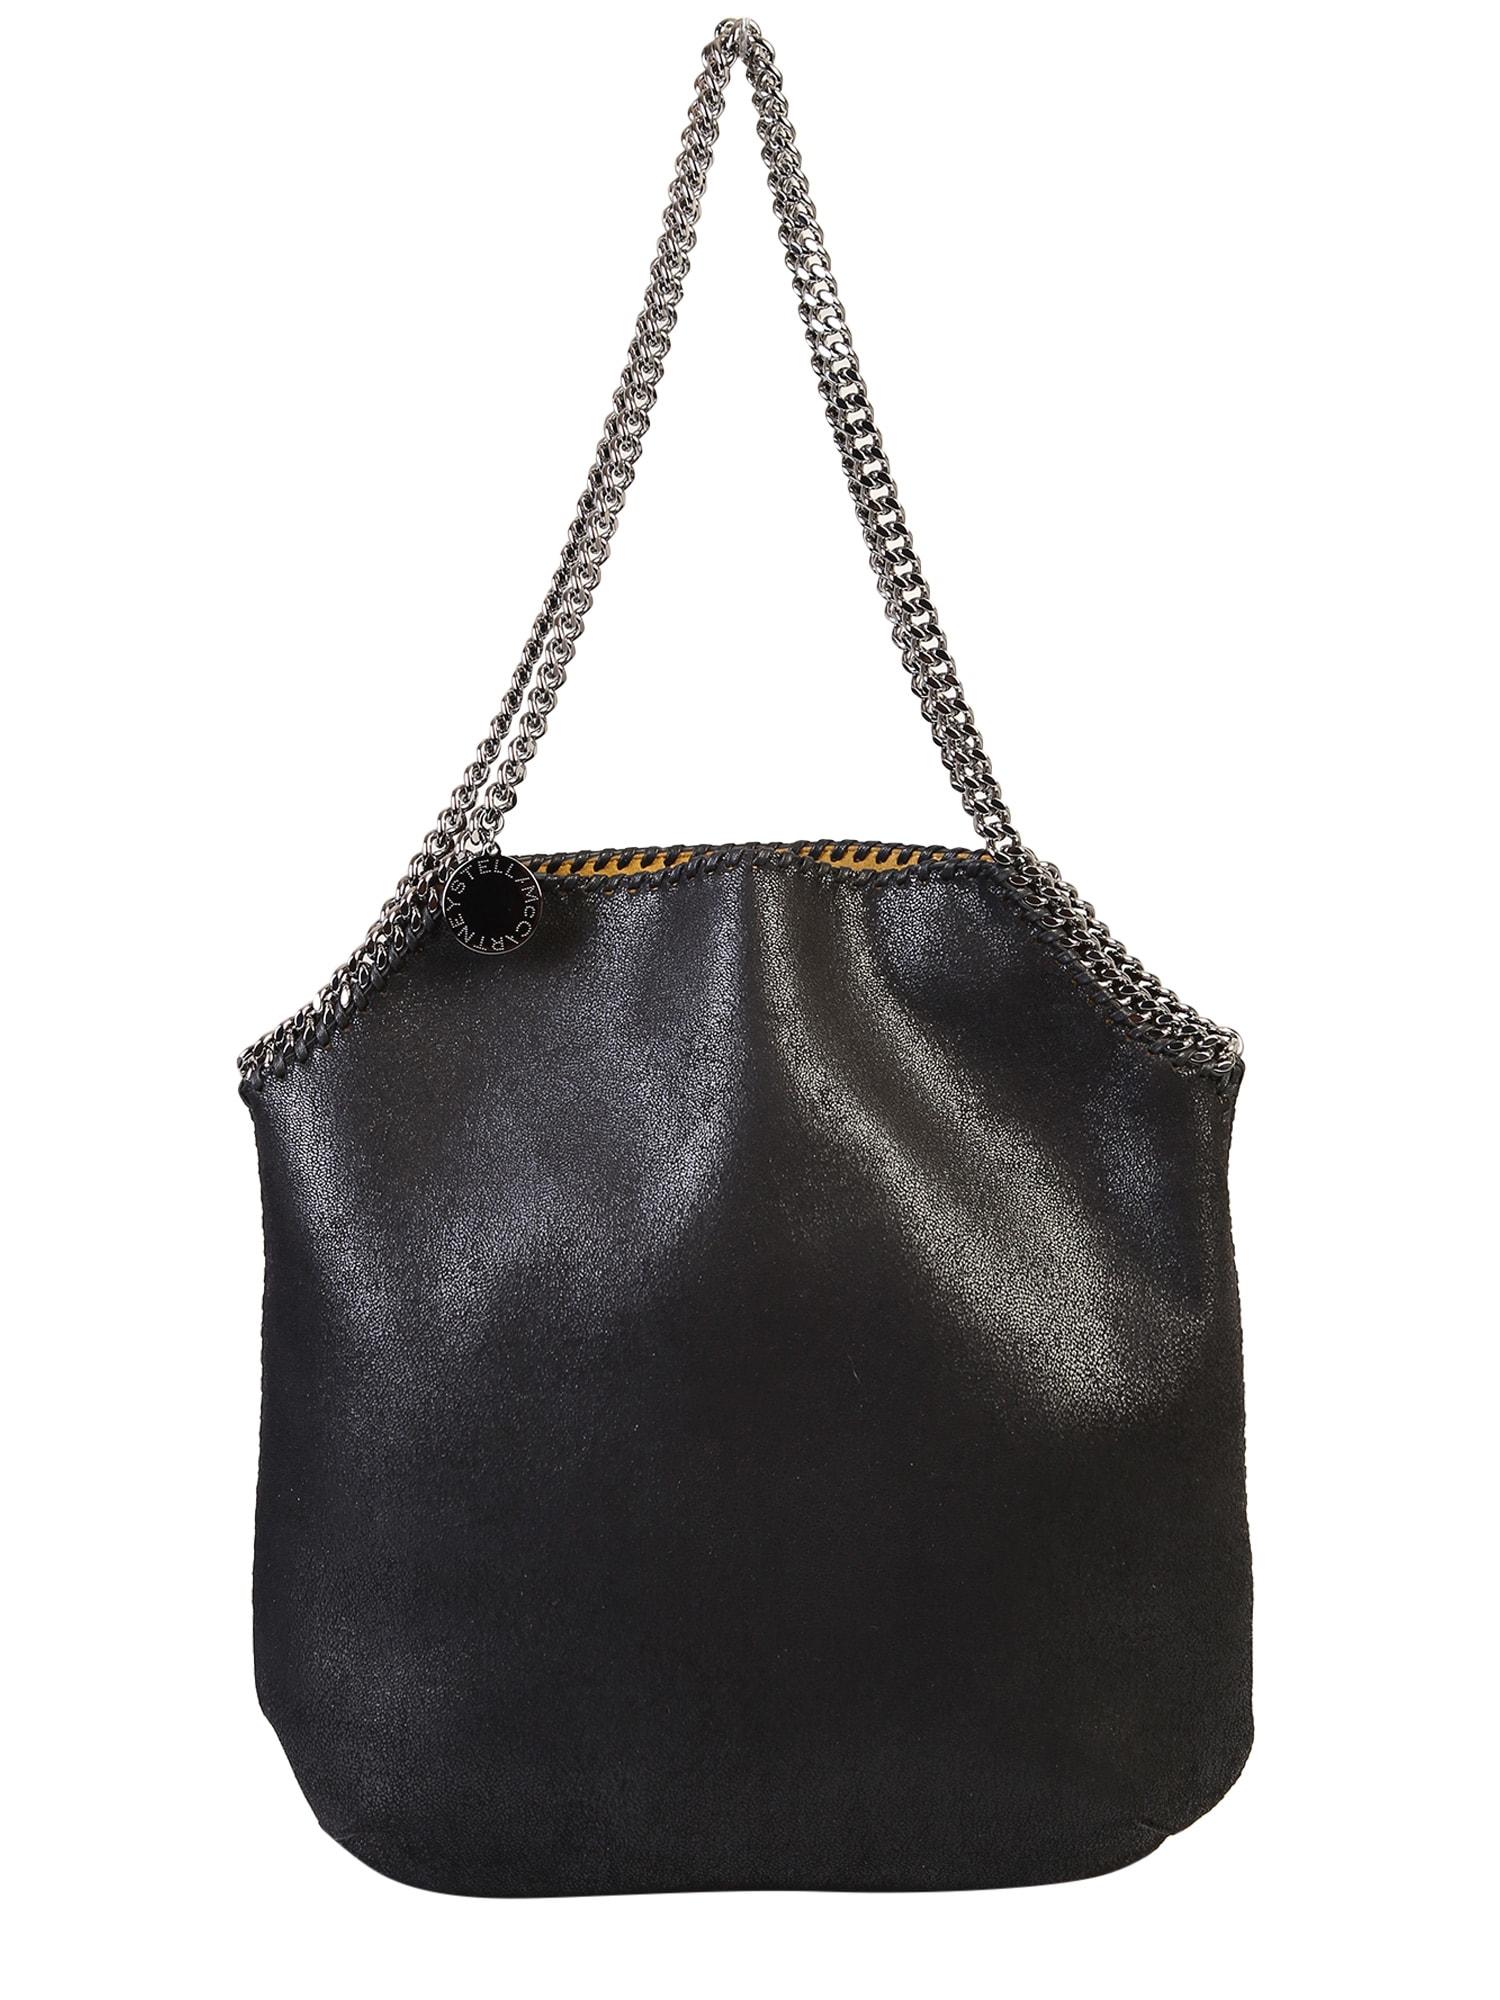 Stella McCartney Large Tote Bag